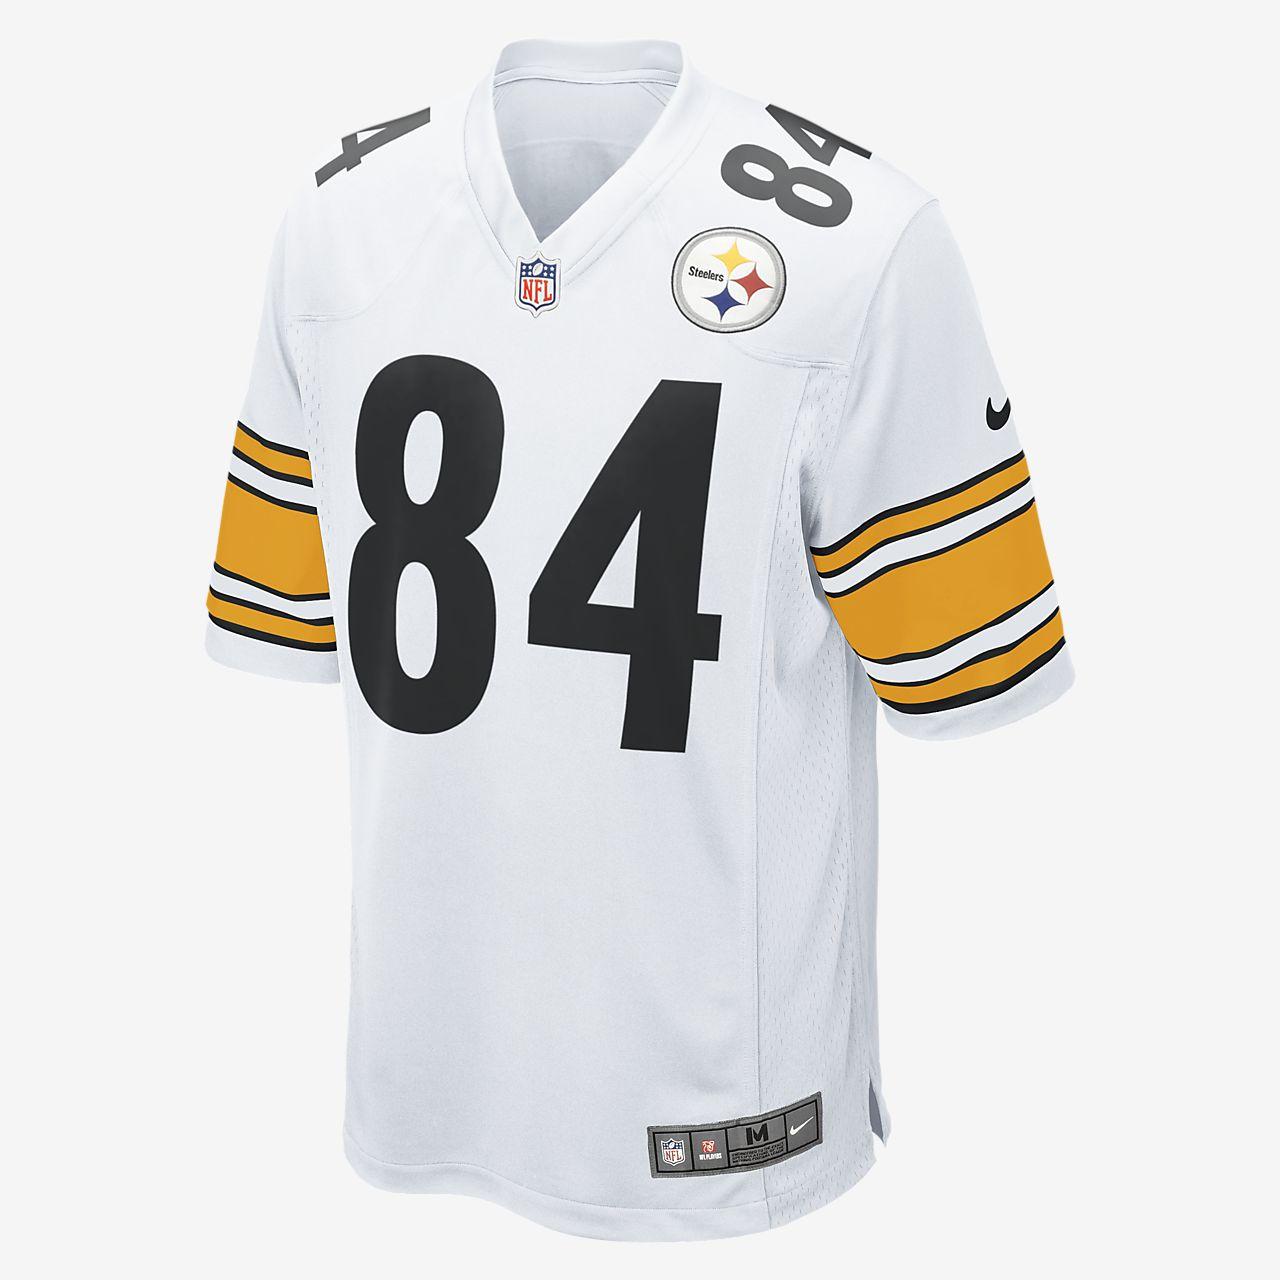 Ανδρική φανέλα αμερικανικού ποδοσφαίρου NFL Pittsburgh Steelers (Antonio Brown)